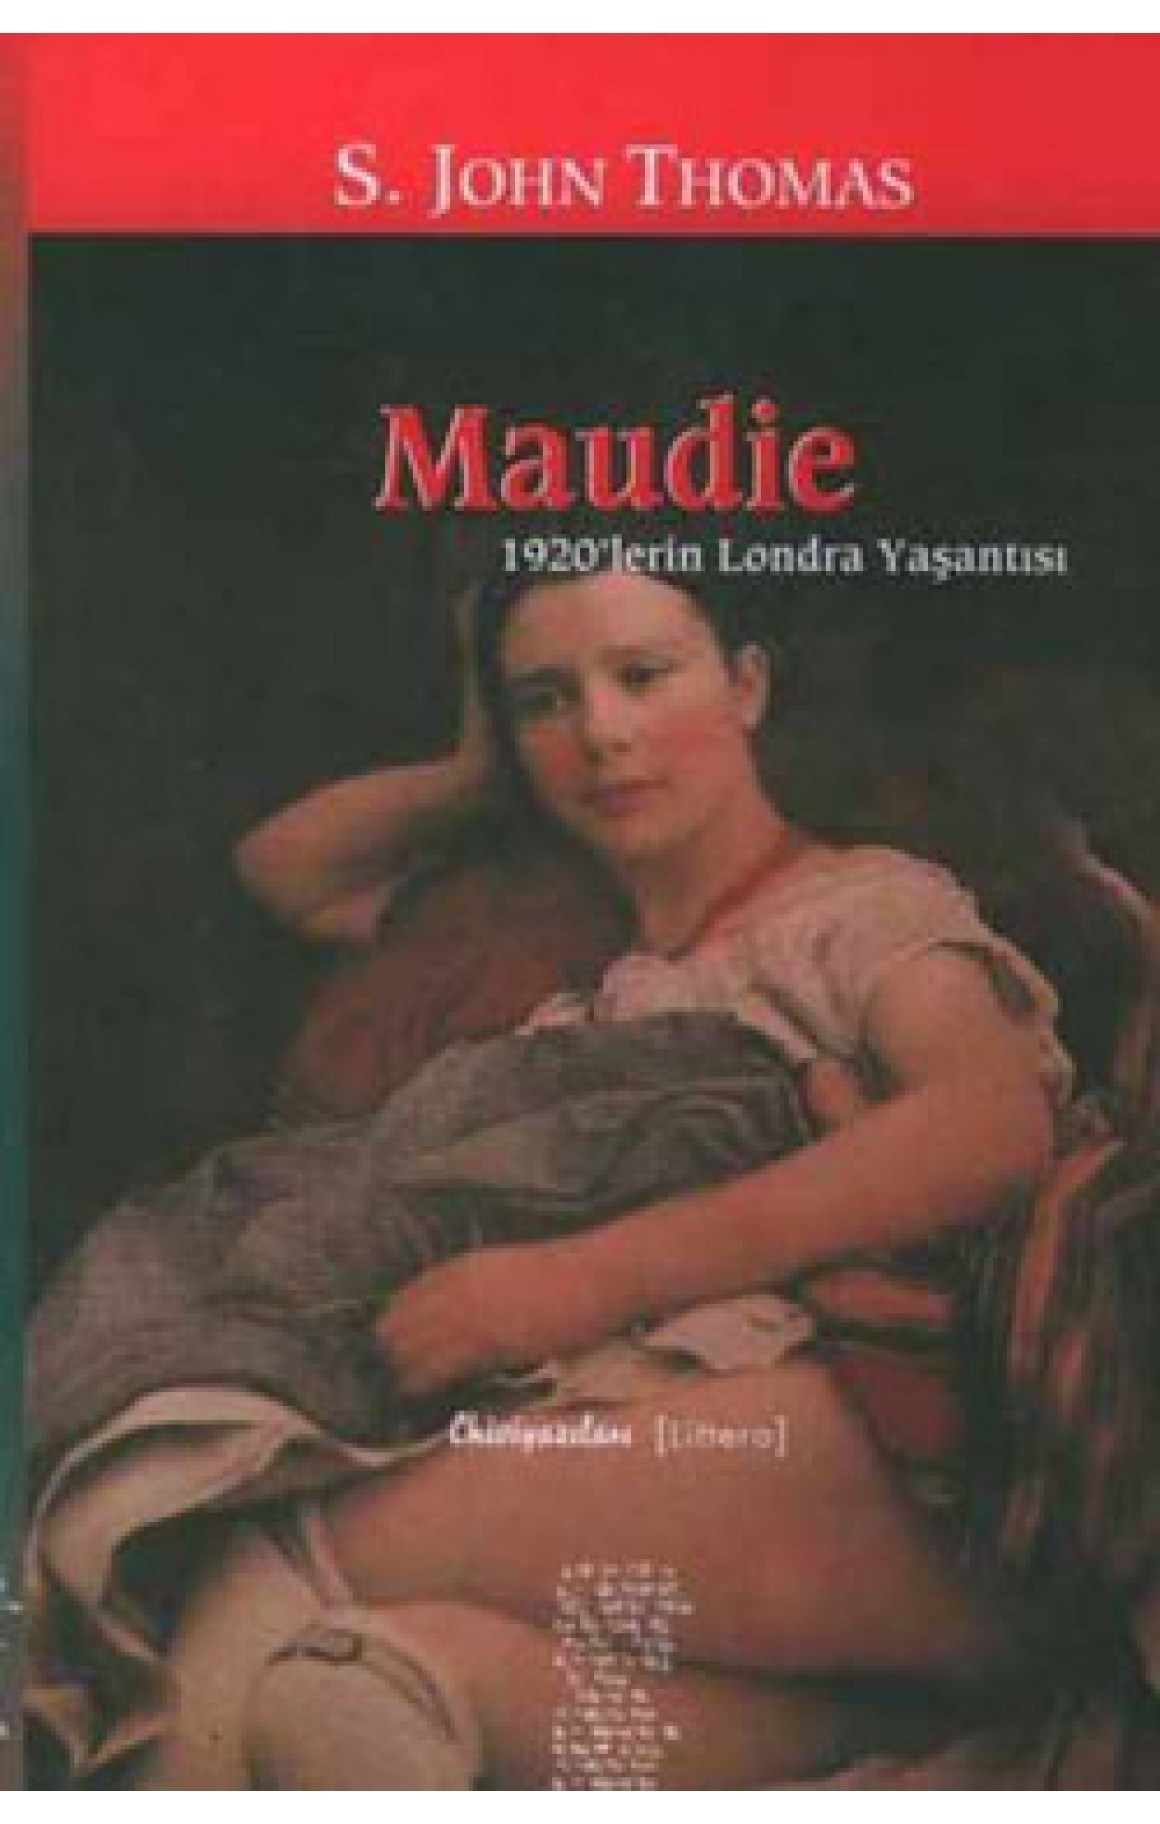 Maudie(1920'lerin Londra Yaşantısı )